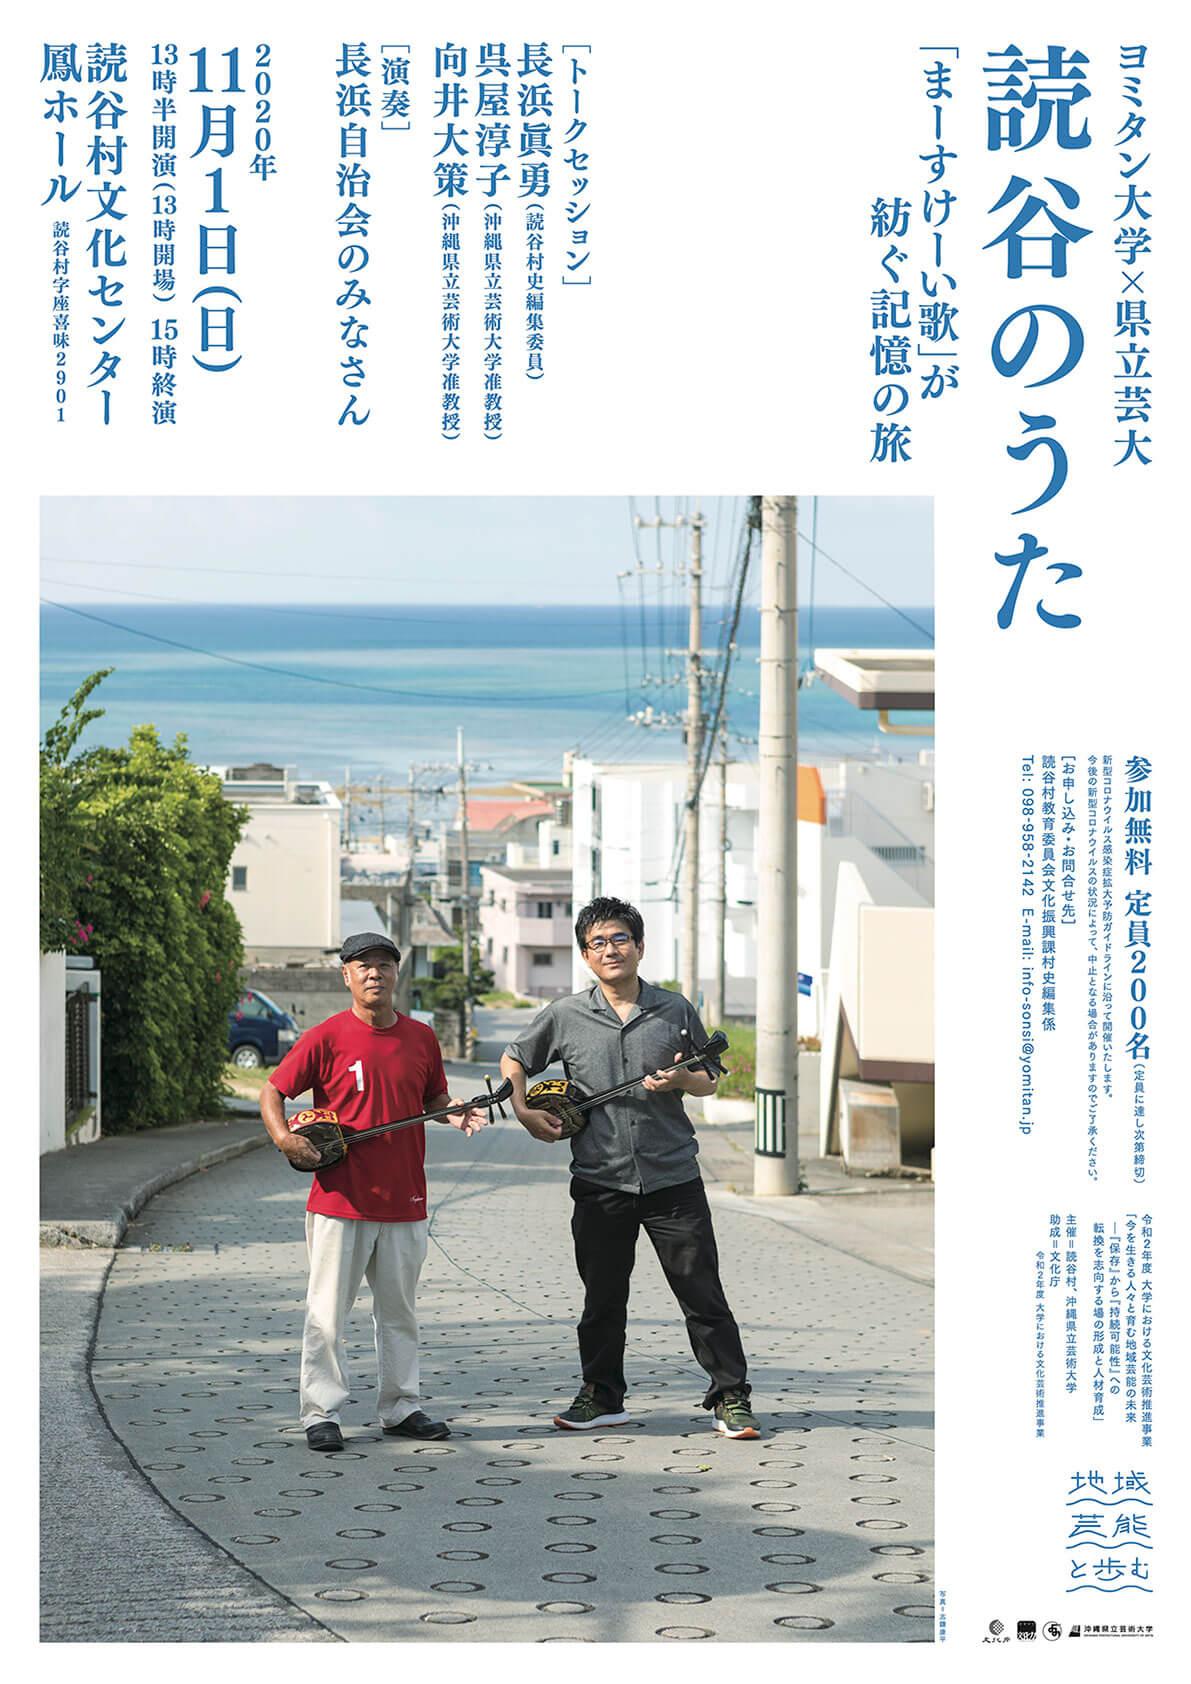 [チラシ]ヨミタン大学 × 県立芸大 読谷のうた「まーすけーい歌」が紡ぐ記憶の旅